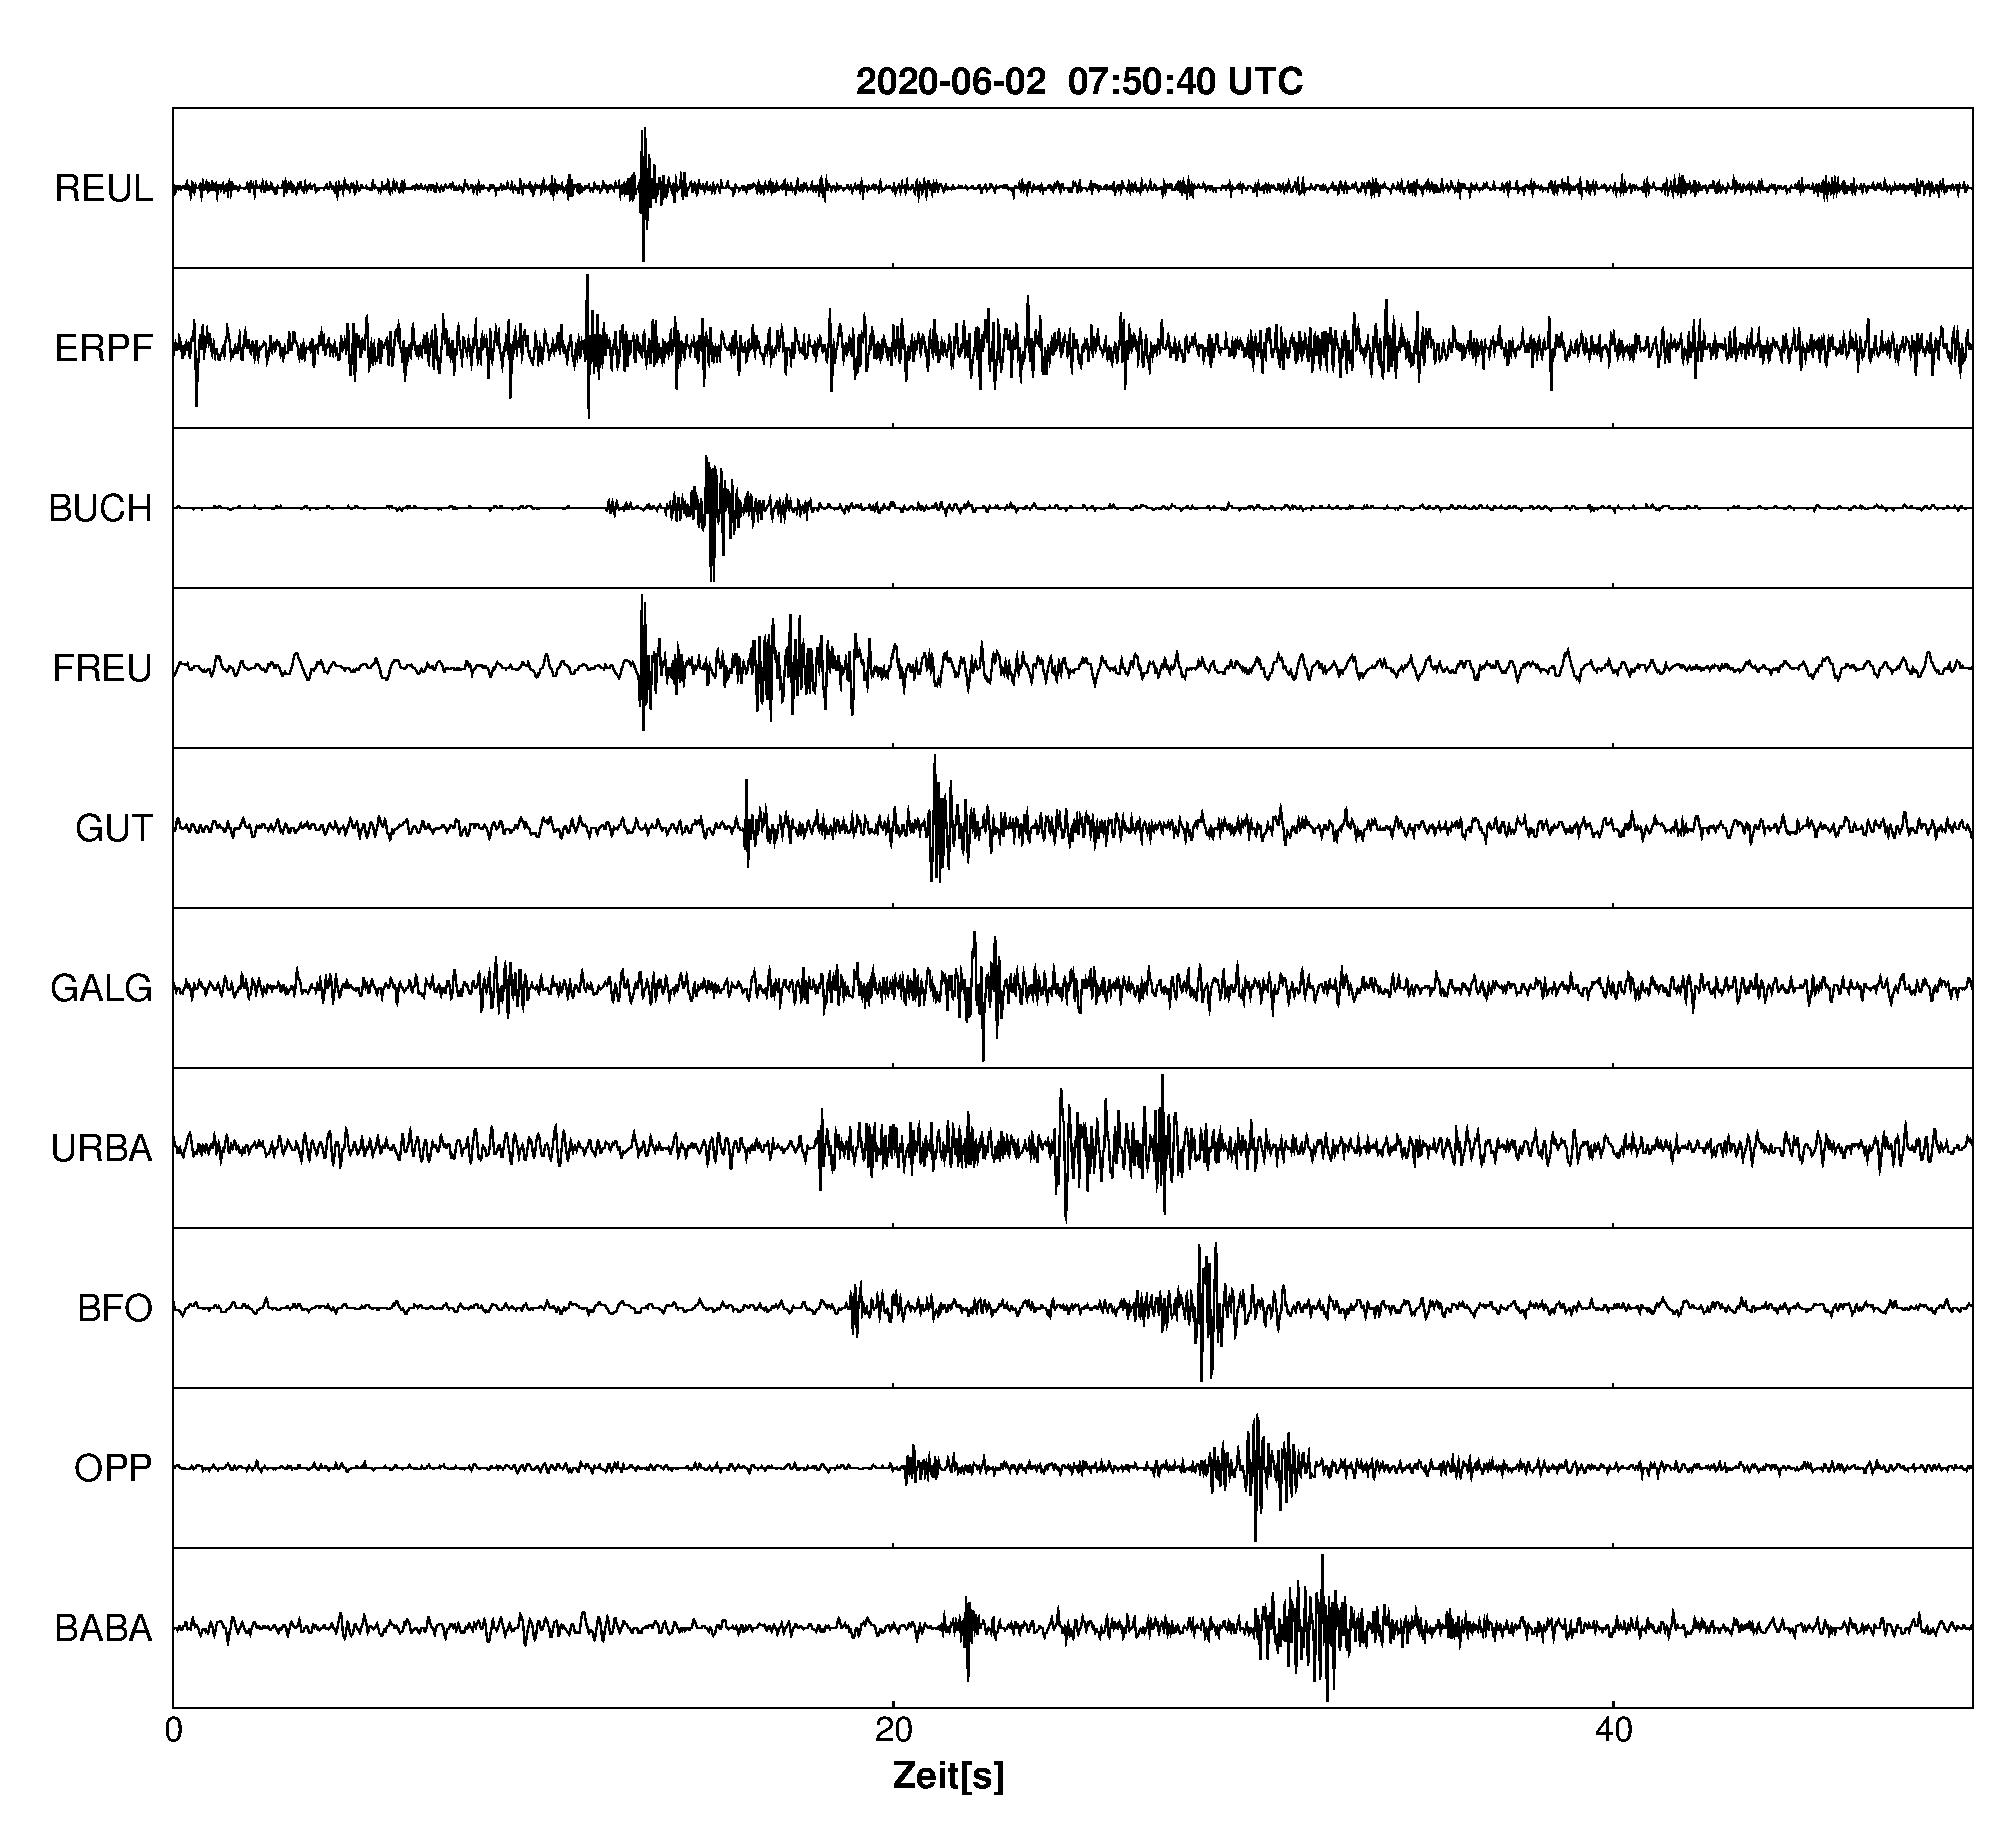 Erdbeben Bei Reutlingen Lkrs Reutlingen Bw Landeserdbebendienst Baden Wurttemberg